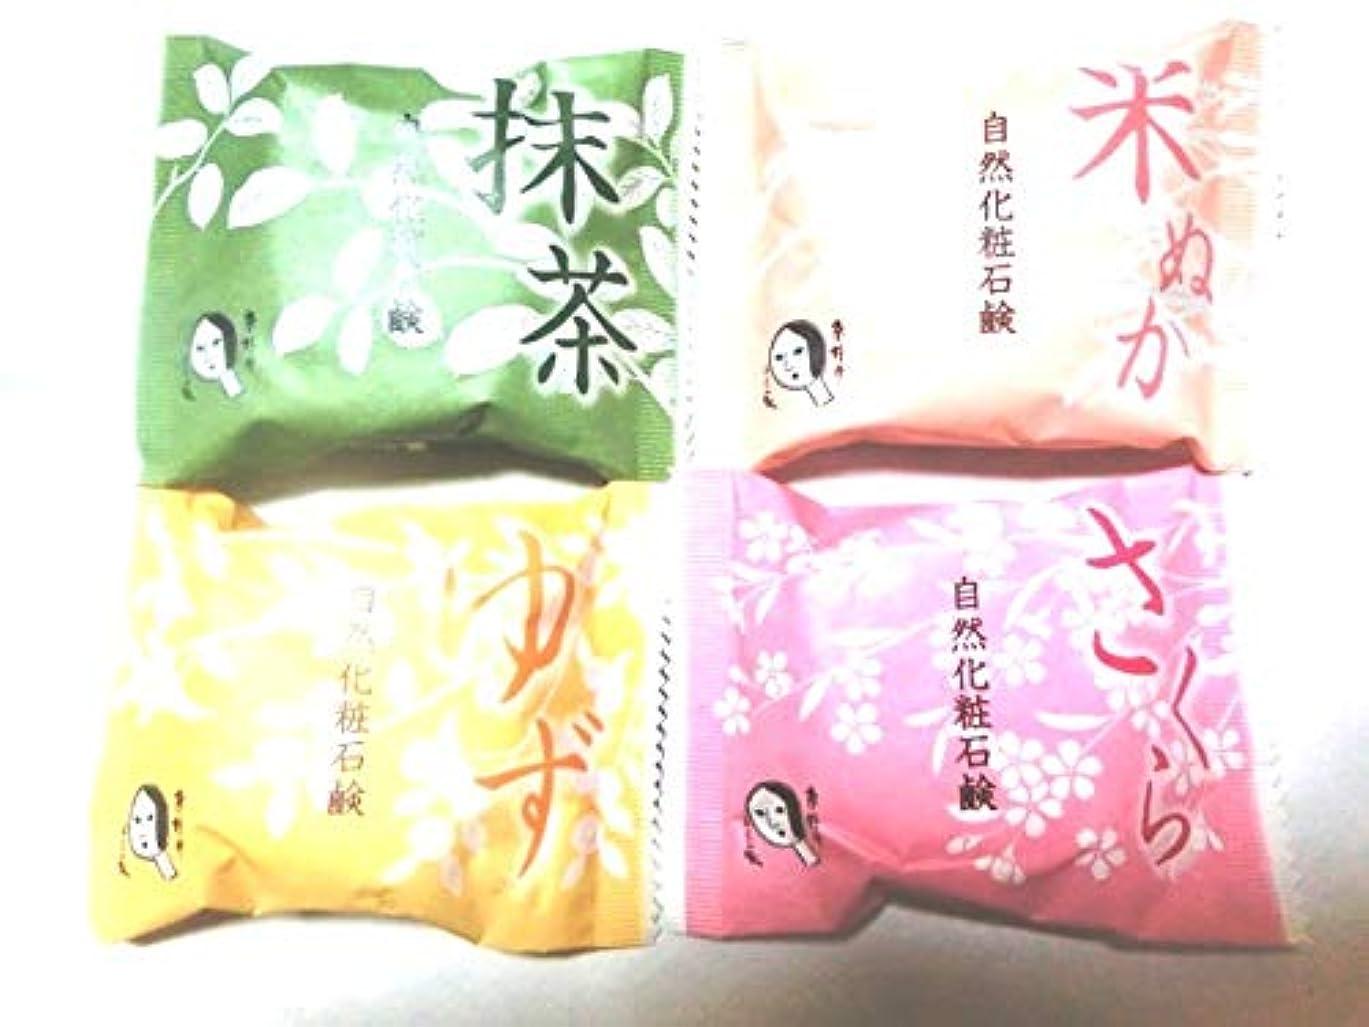 現代確かな約束するよーじや 自然化粧石鹸 50g (抹茶)